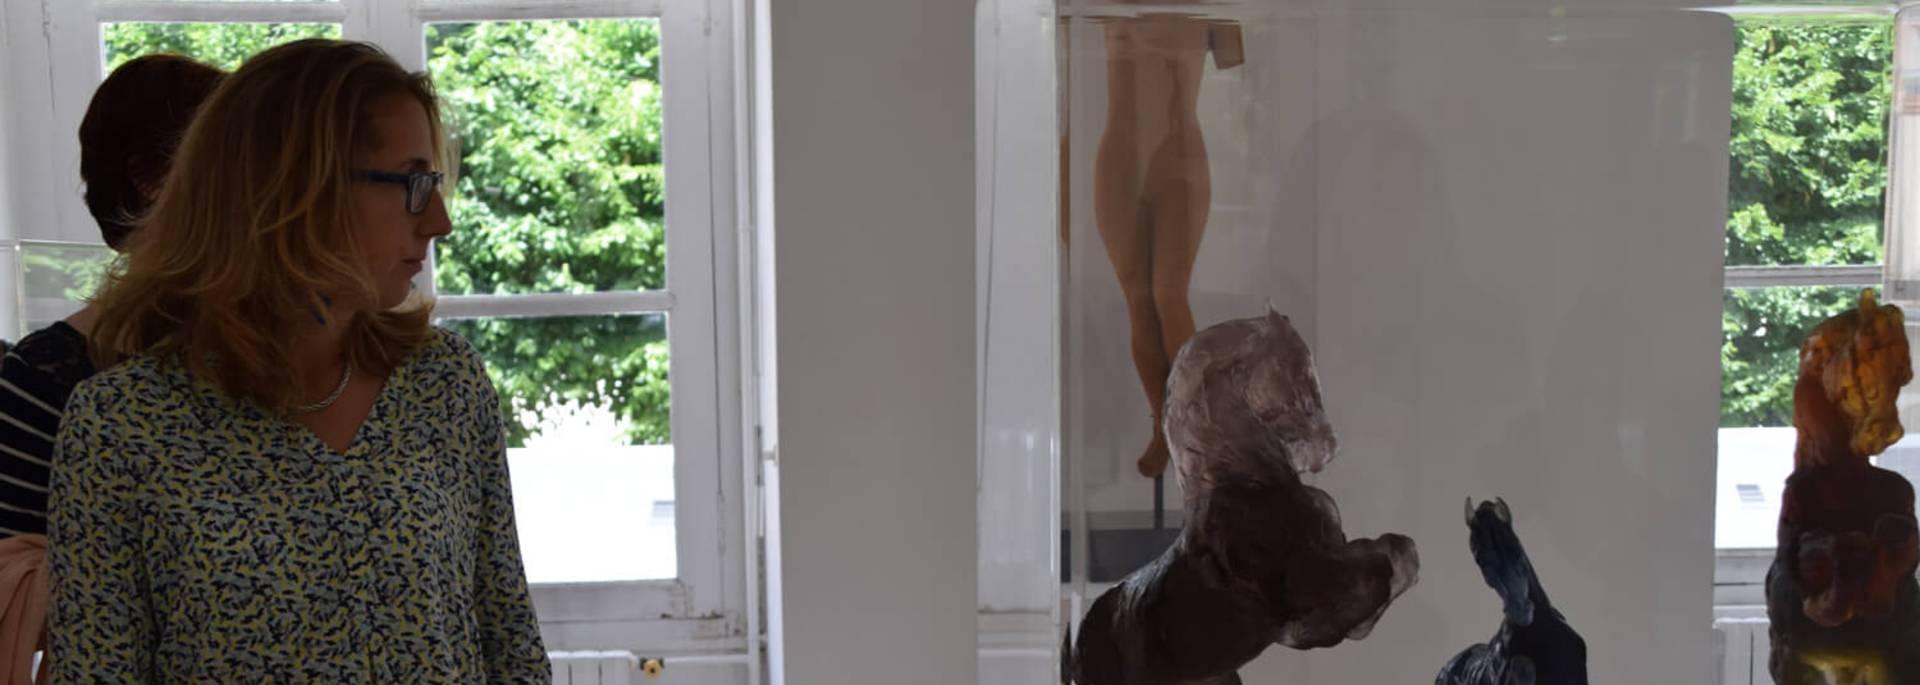 Exposition de Jean-Louis Sauvat au musée des Beaux-Arts de Chartres